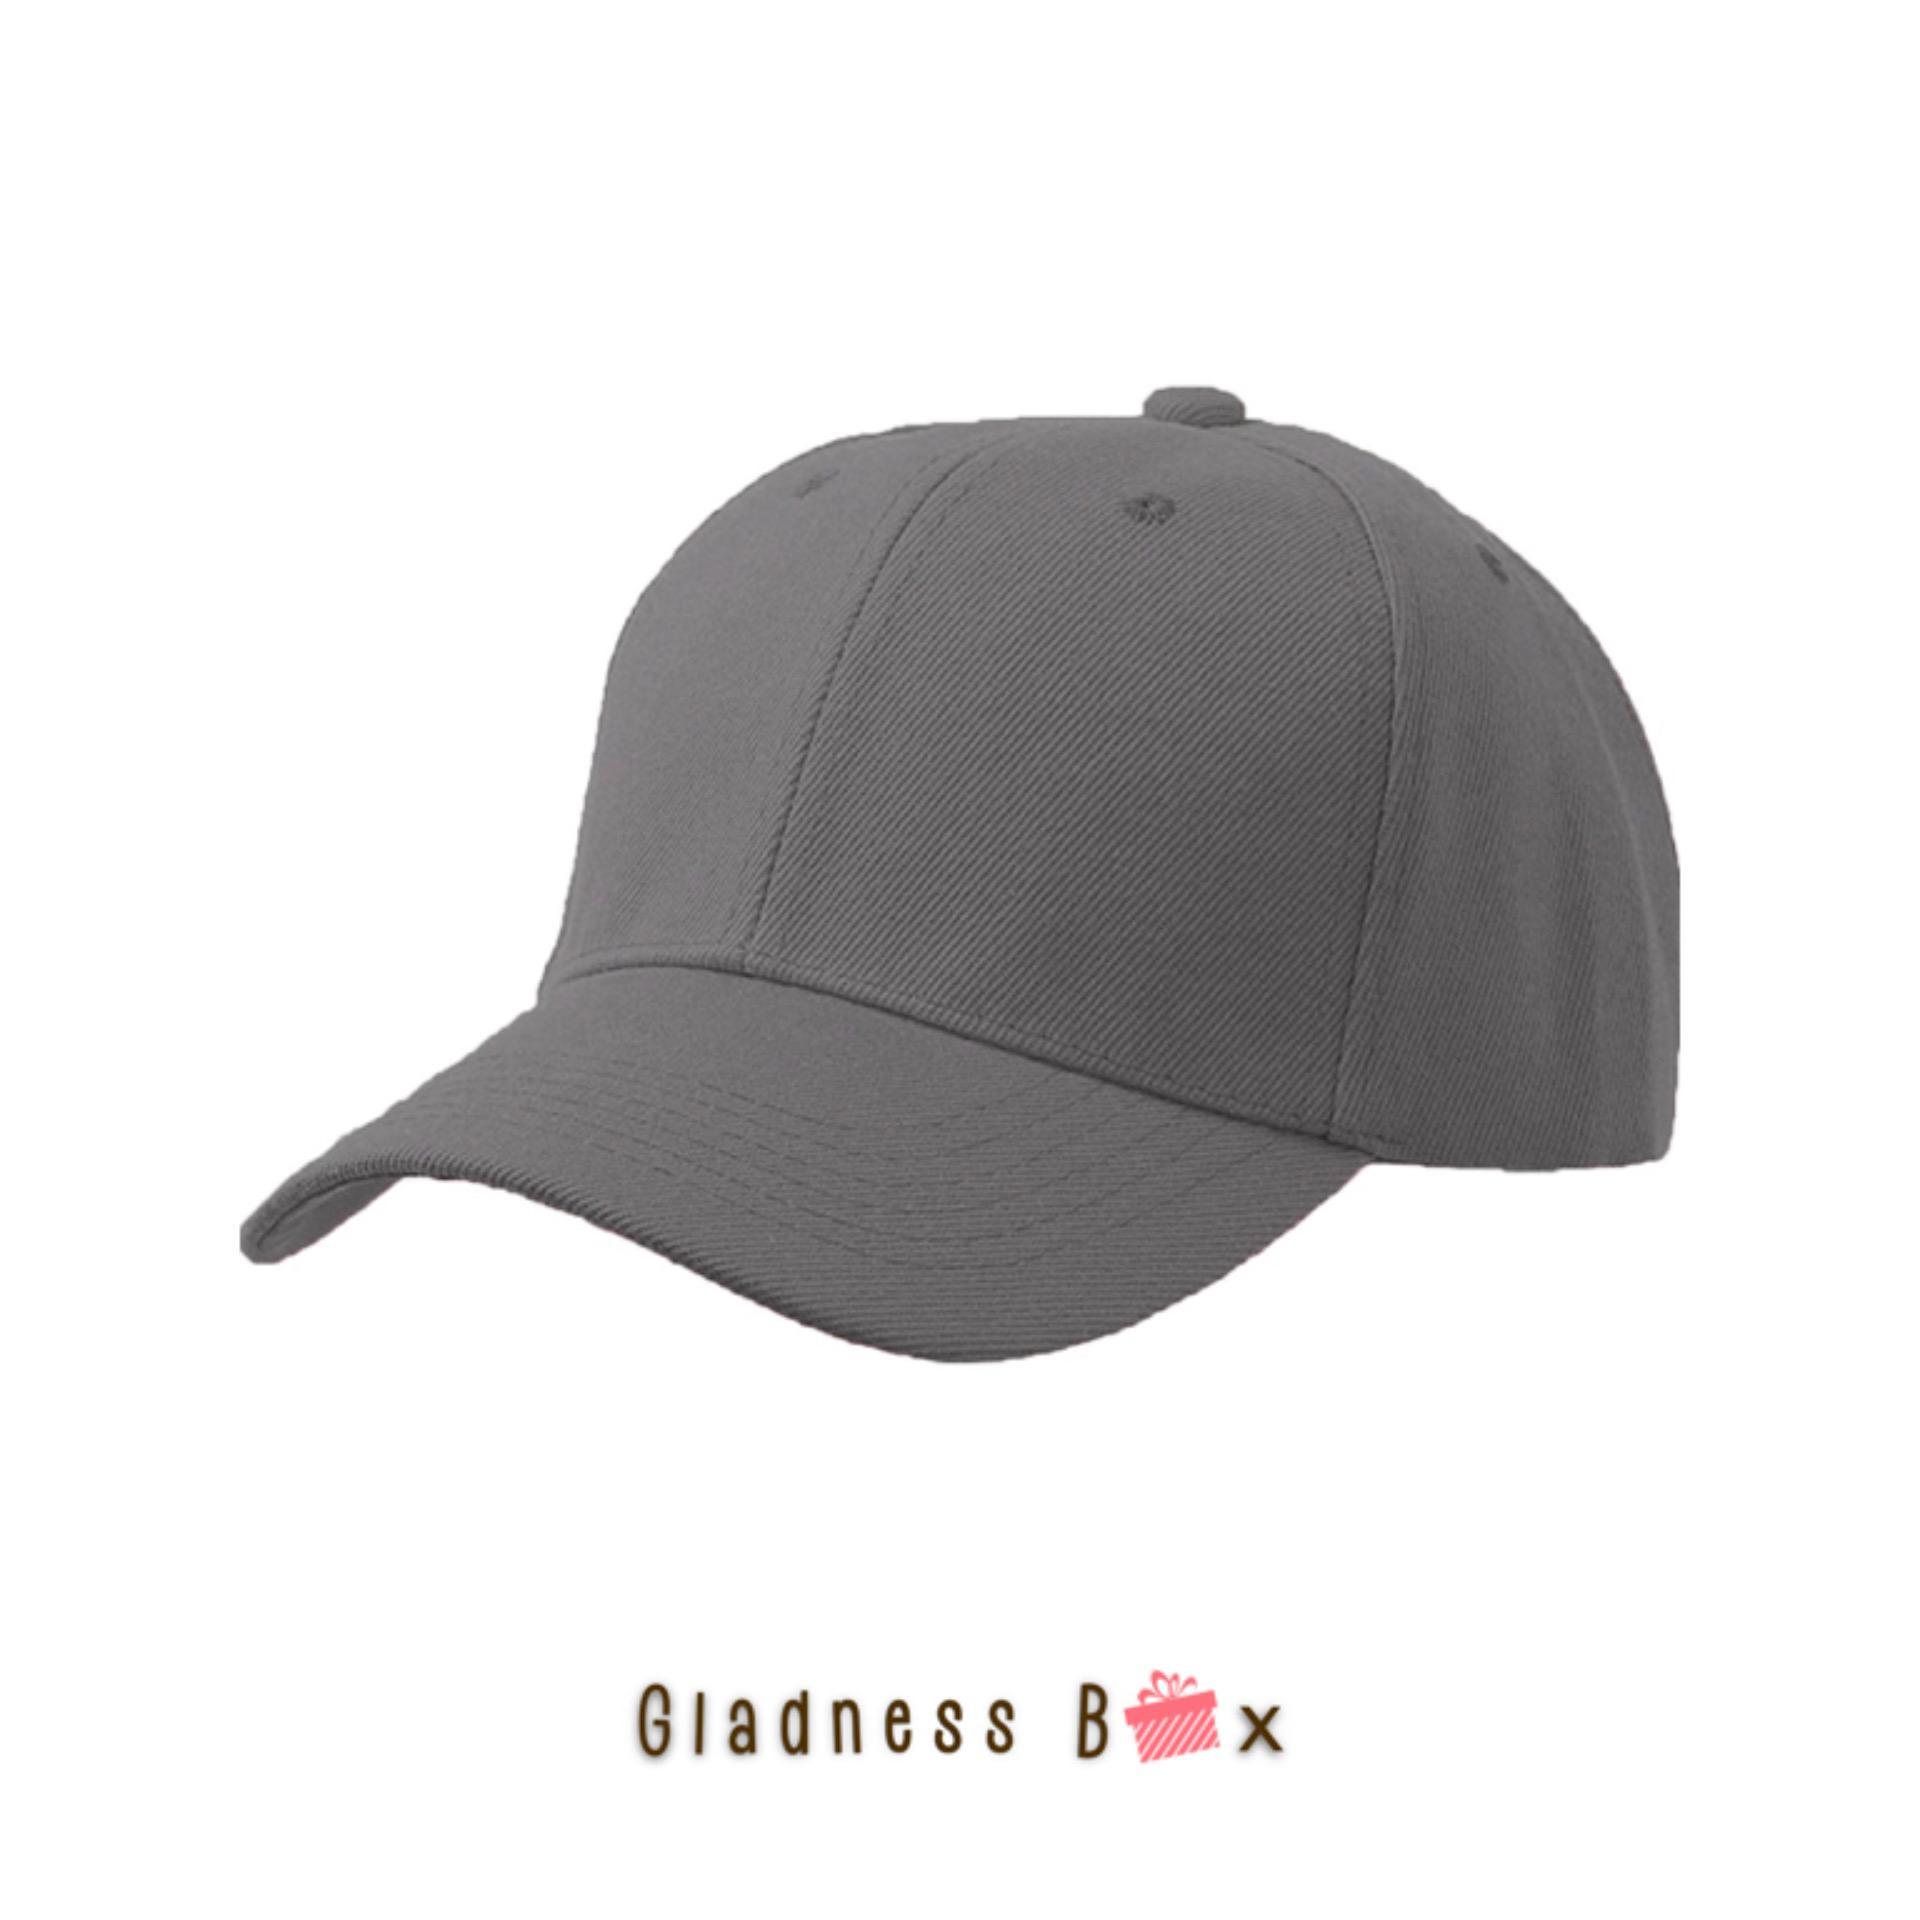 44fa31ef61d Hats for Men for sale - Mens Hats online brands